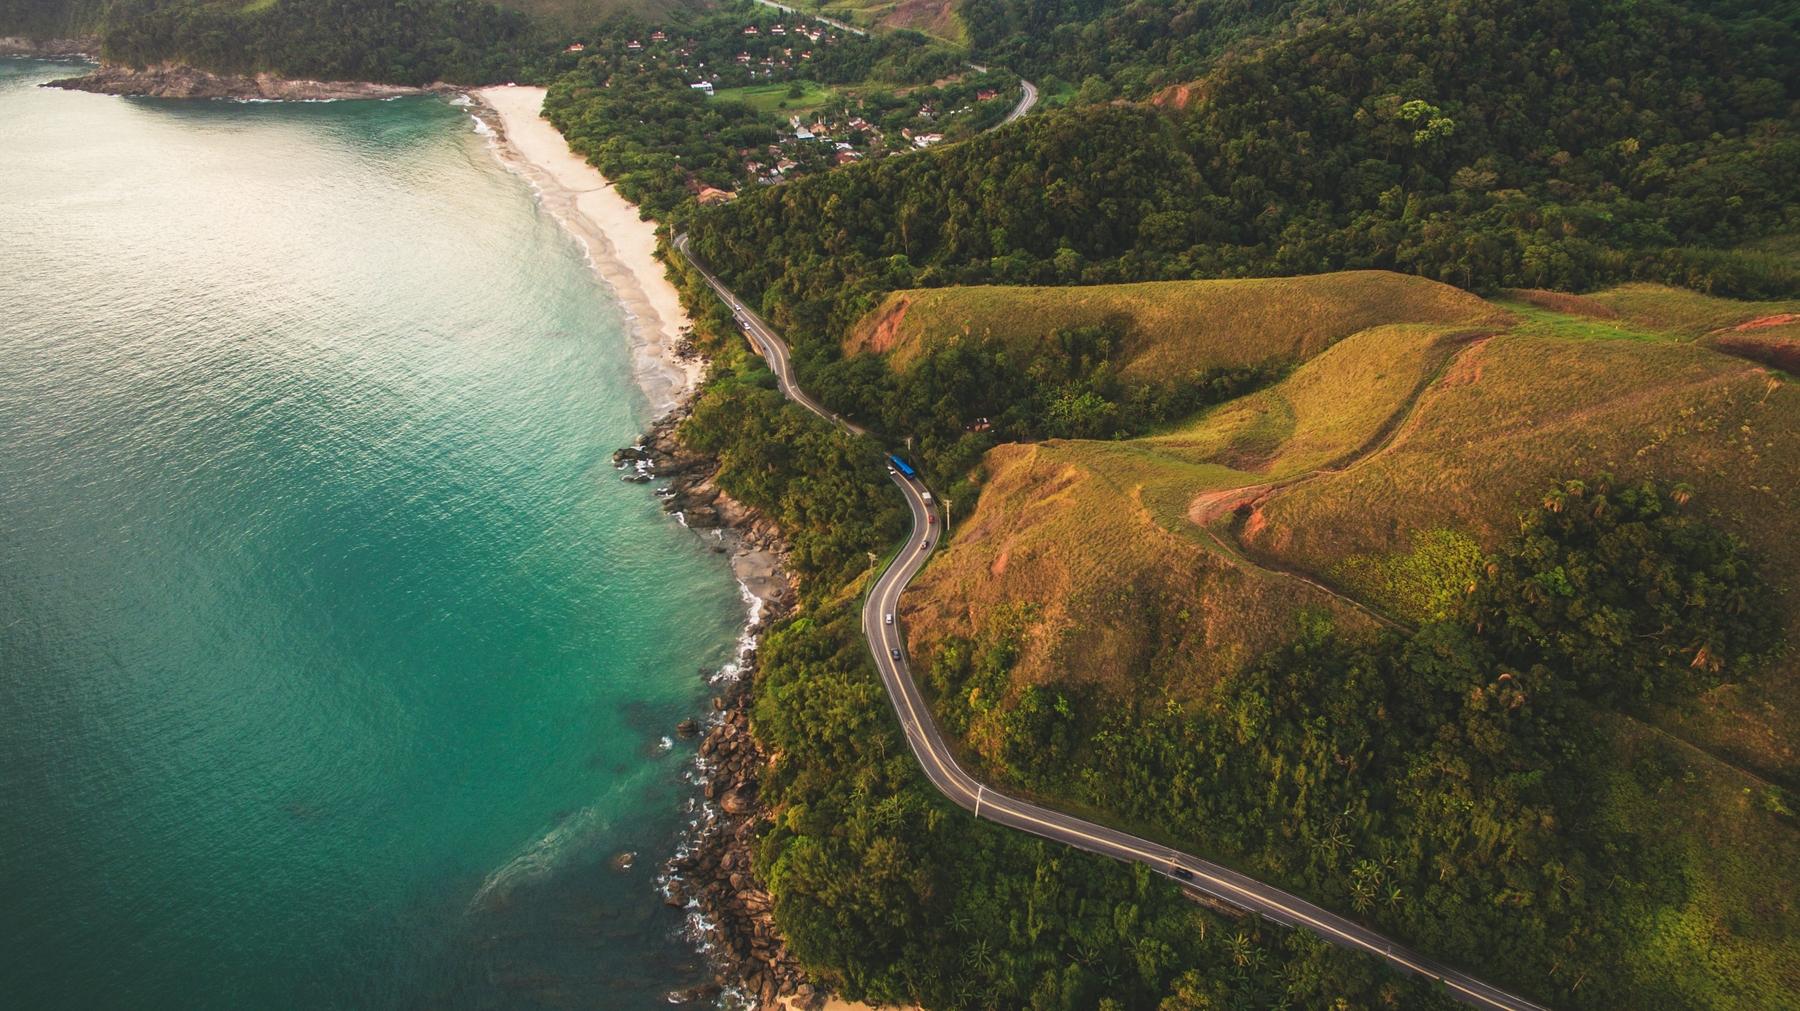 Foto aérea da rodovia que dá acesso a Praia de Toque Toque, em São Sebastião. Trecho faz com que BR-101 seja considerada uma das estradas mais bonitas do Brasil.